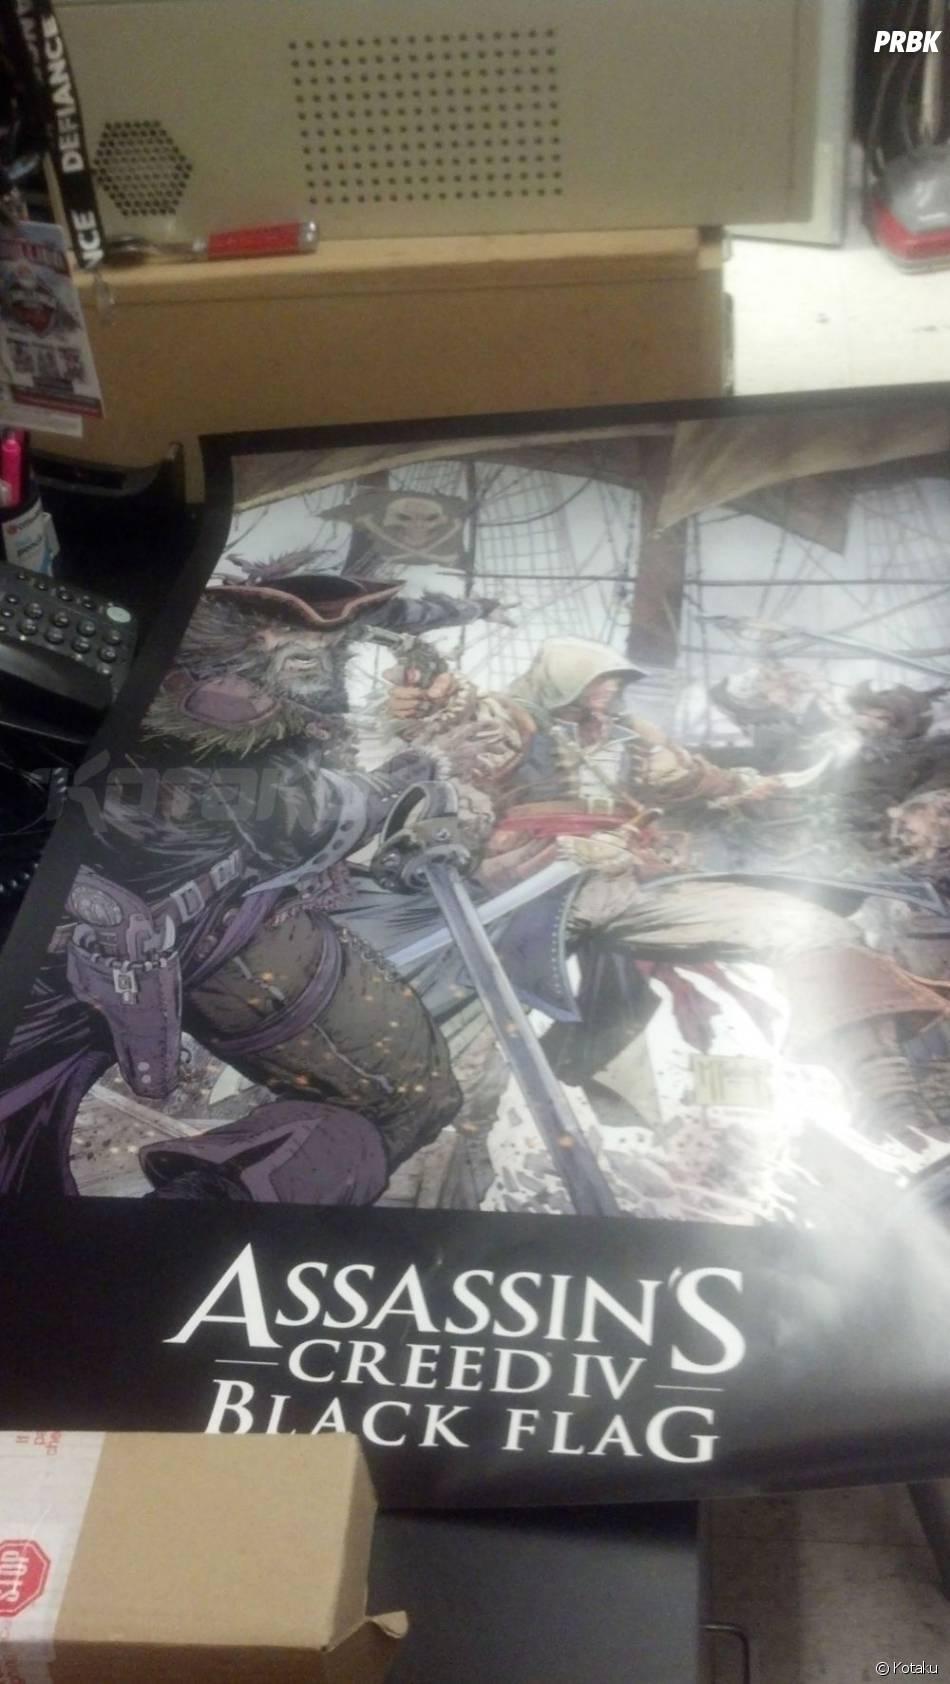 Assassin's Creed 4 Black Flag, à la sauce pirate, sortirait le 29 octobre